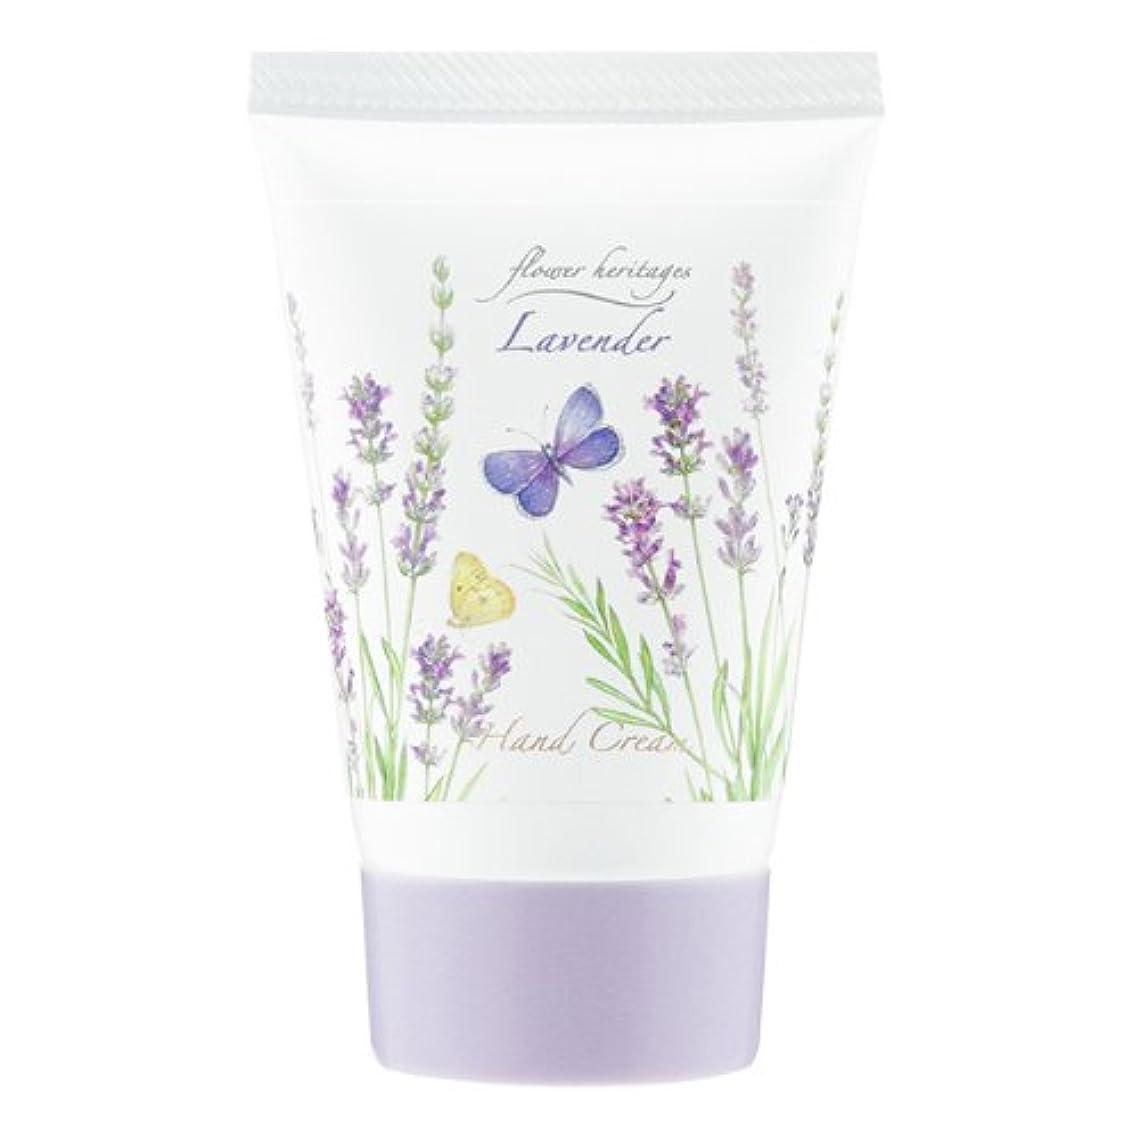 色ナラーバージャンプするネイチャータッチ (Nature Touch) Flower Heritage ハンドクリーム40g/ラベンダー